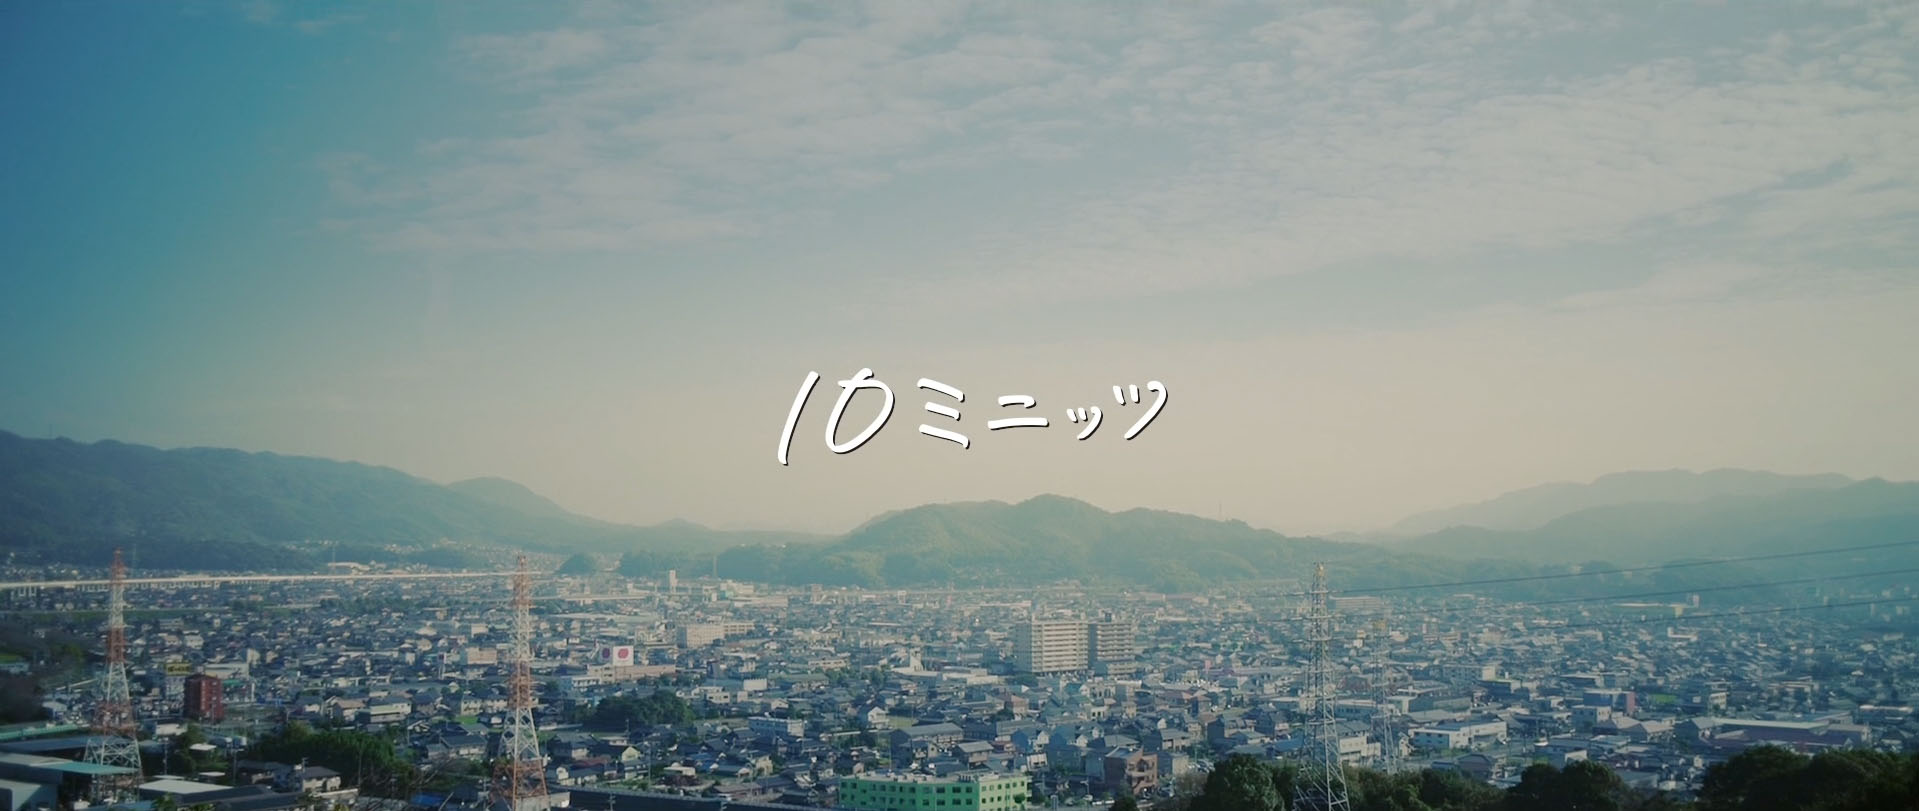 10min_01.jpg